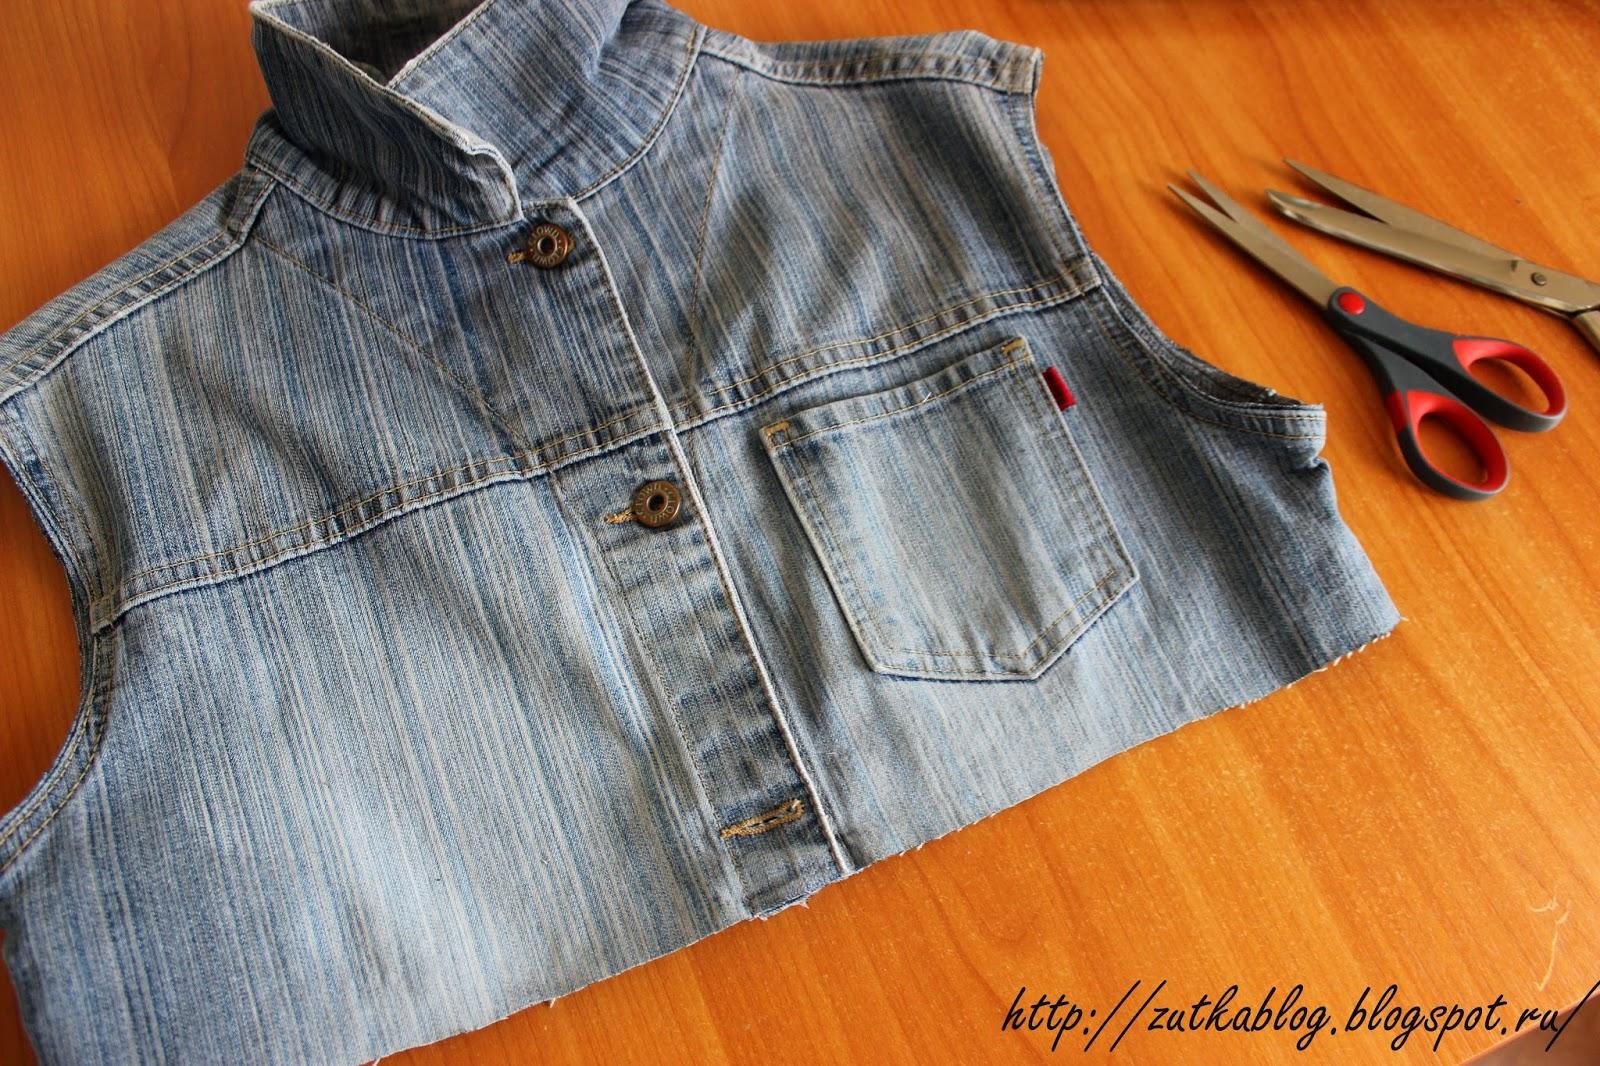 Как сделать жилетку из старых джинсов своими руками? 77